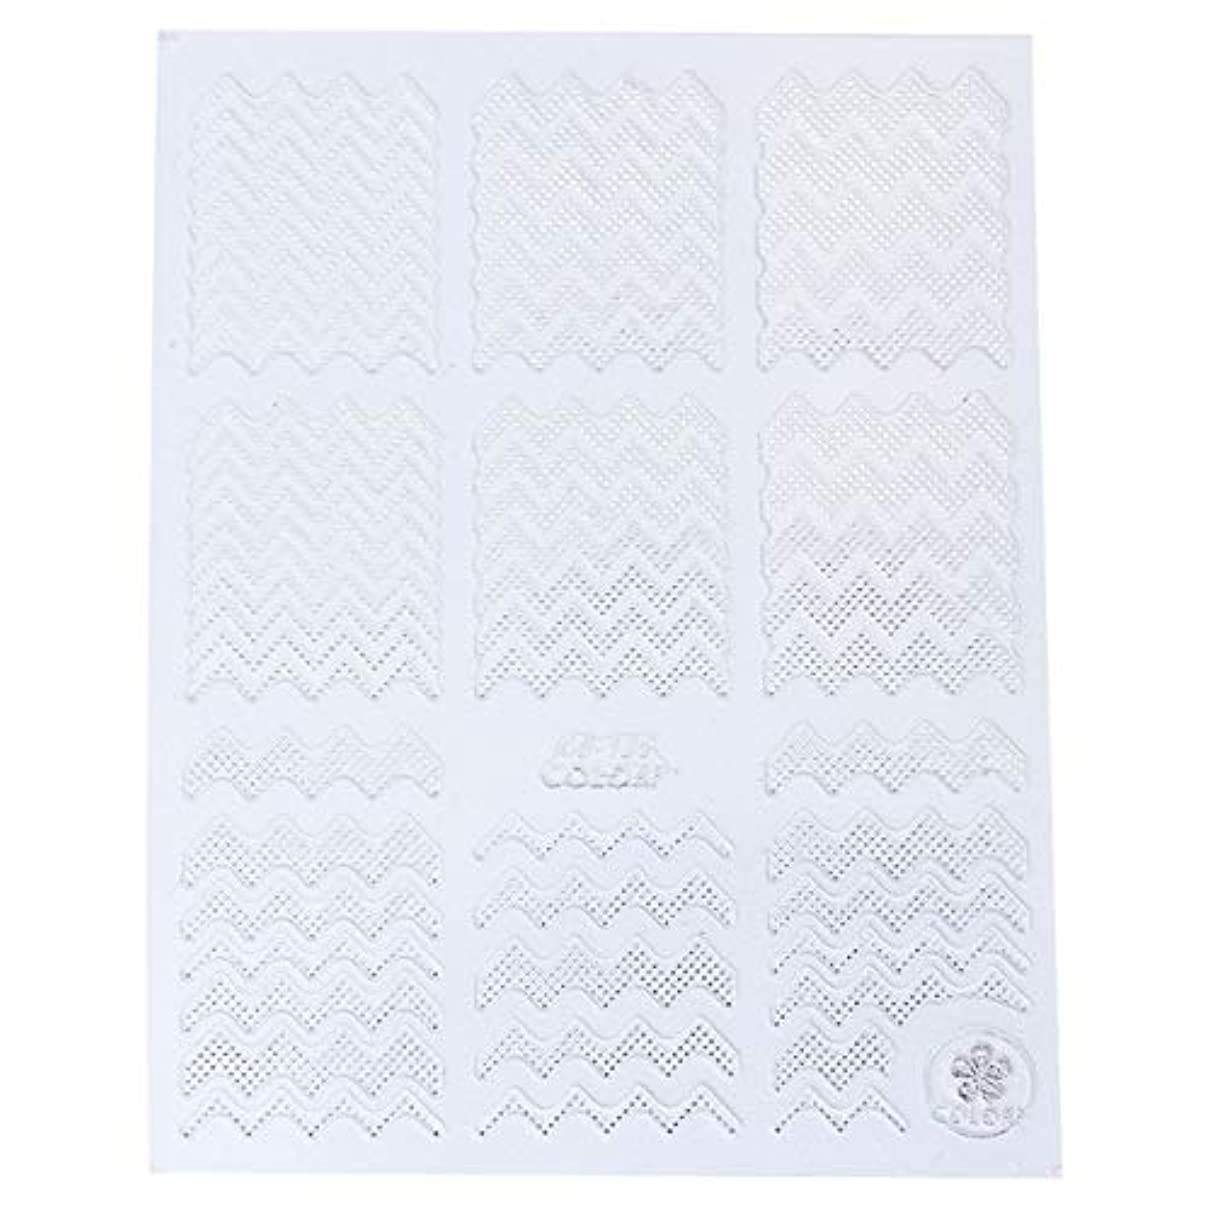 ビーム偉業シソーラスSUKTI&XIAO ネイルステッカー 1ピースエンボスゴールド3Dネイルステッカーアルファベット幾何学模様ストリップ波線接着剤デカールマニキュア装飾